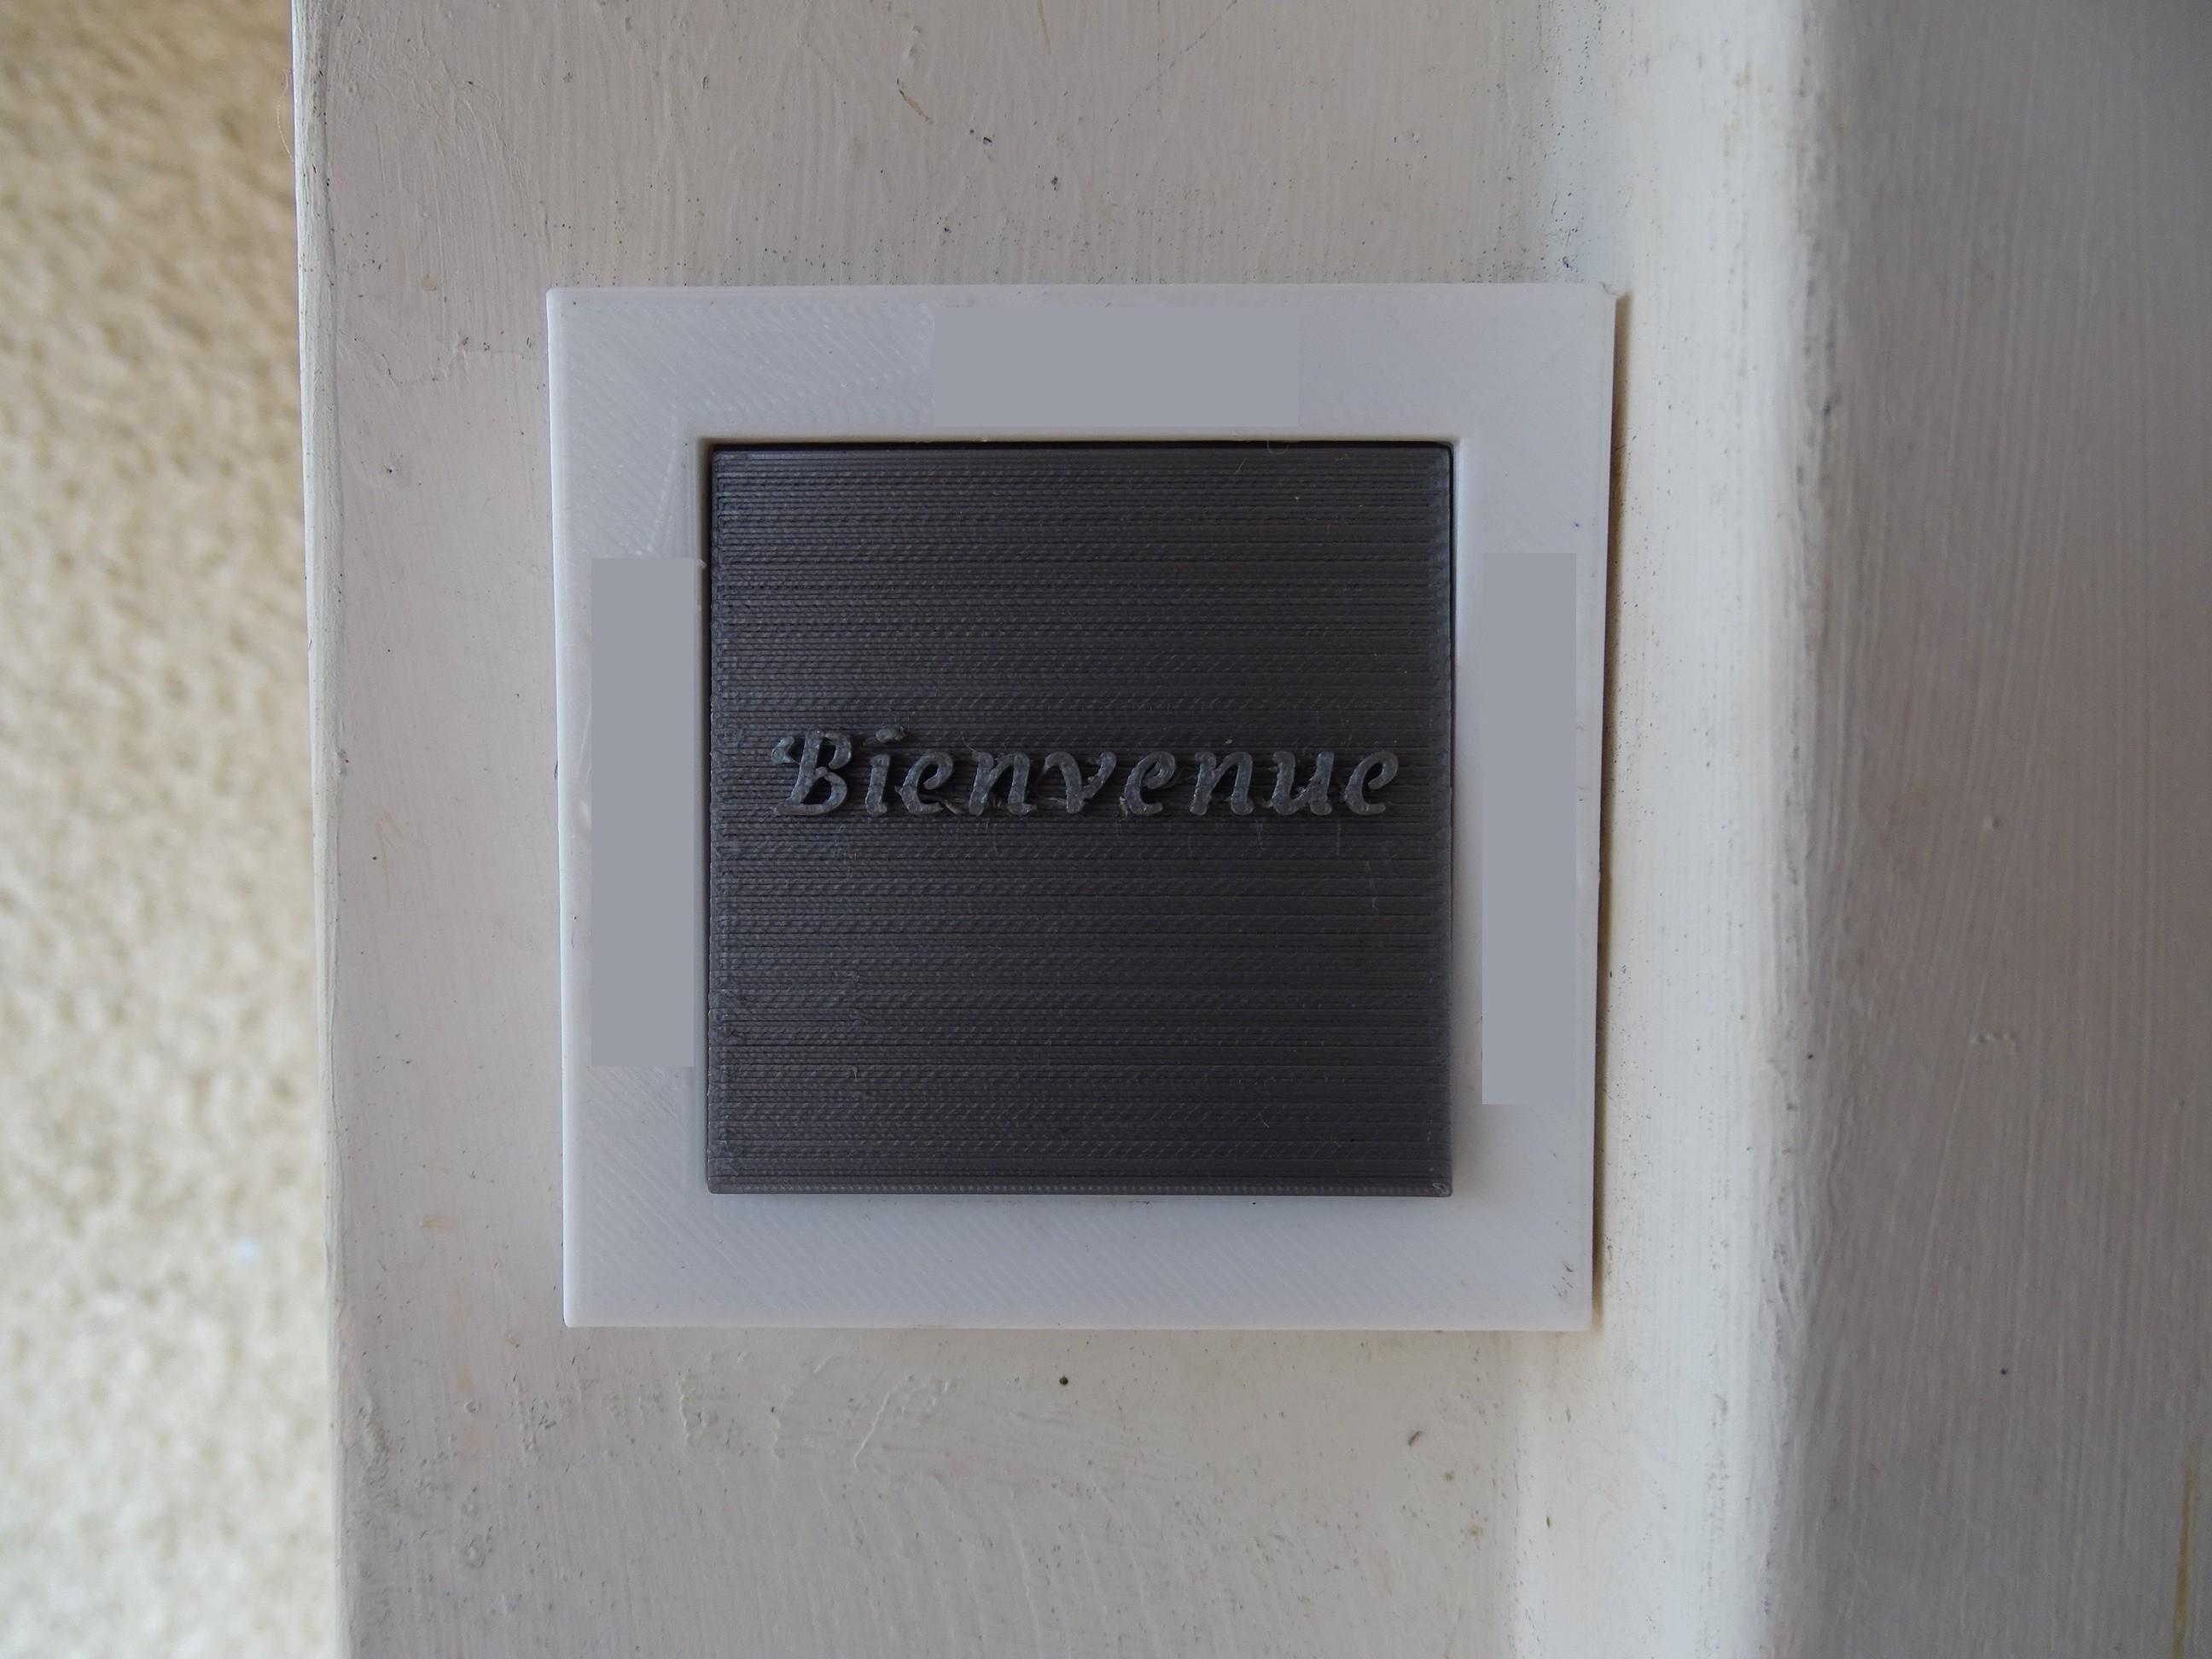 Sonnette Bienvenue.jpg Télécharger fichier STL gratuit Sonnette Bienvenue • Modèle pour imprimante 3D, LaWouattebete